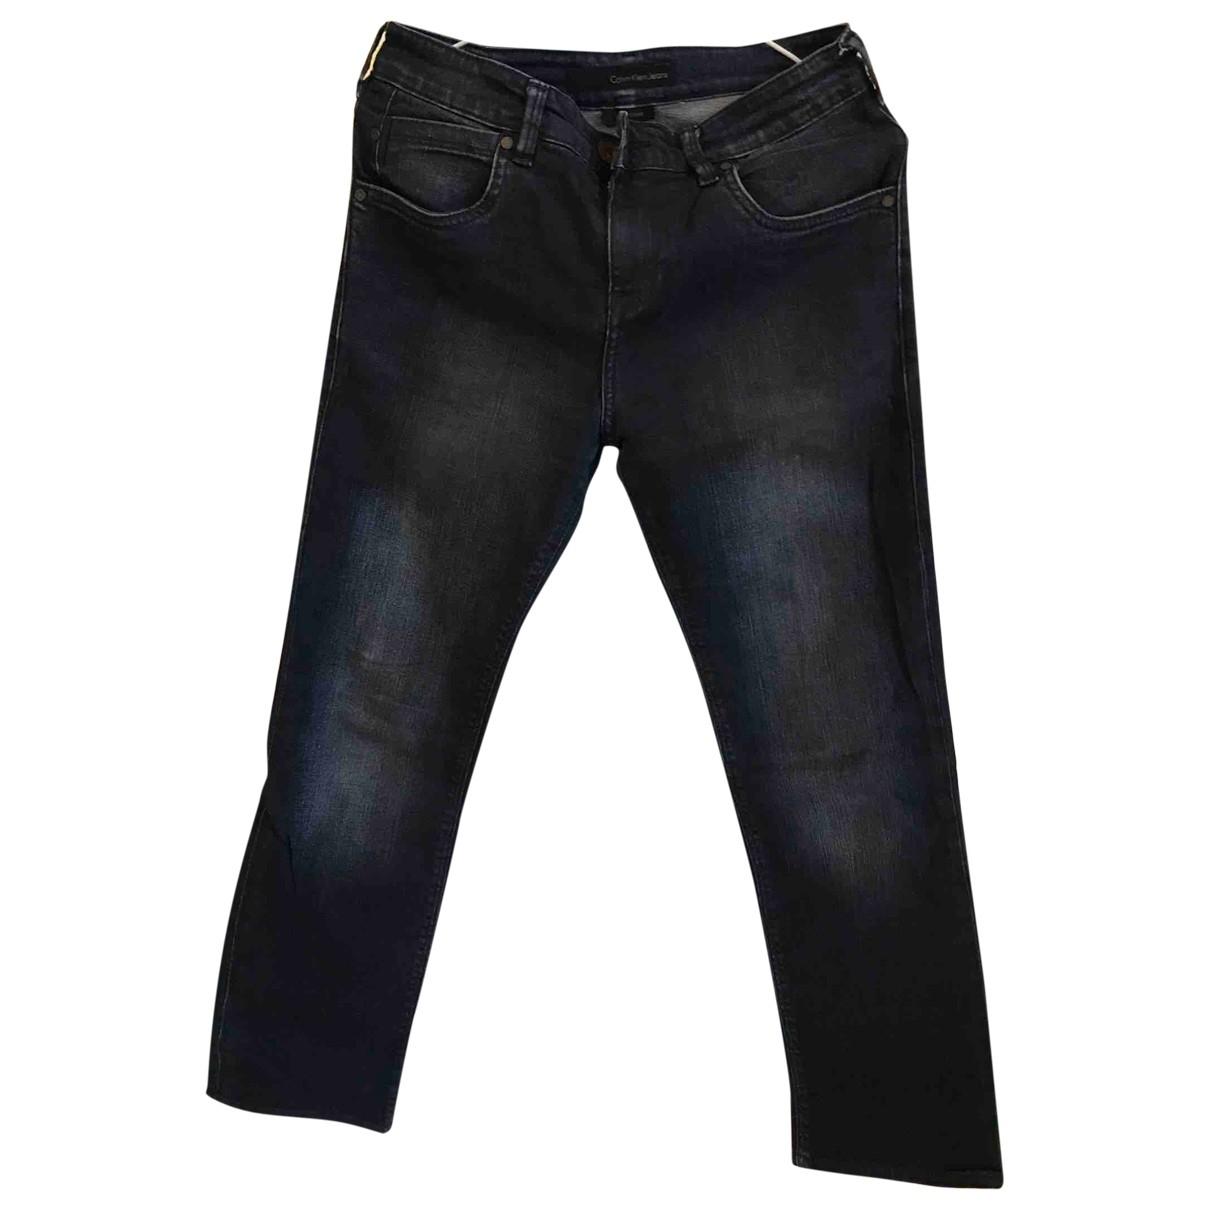 Calvin Klein \N Navy Denim - Jeans Trousers for Men 30 UK - US